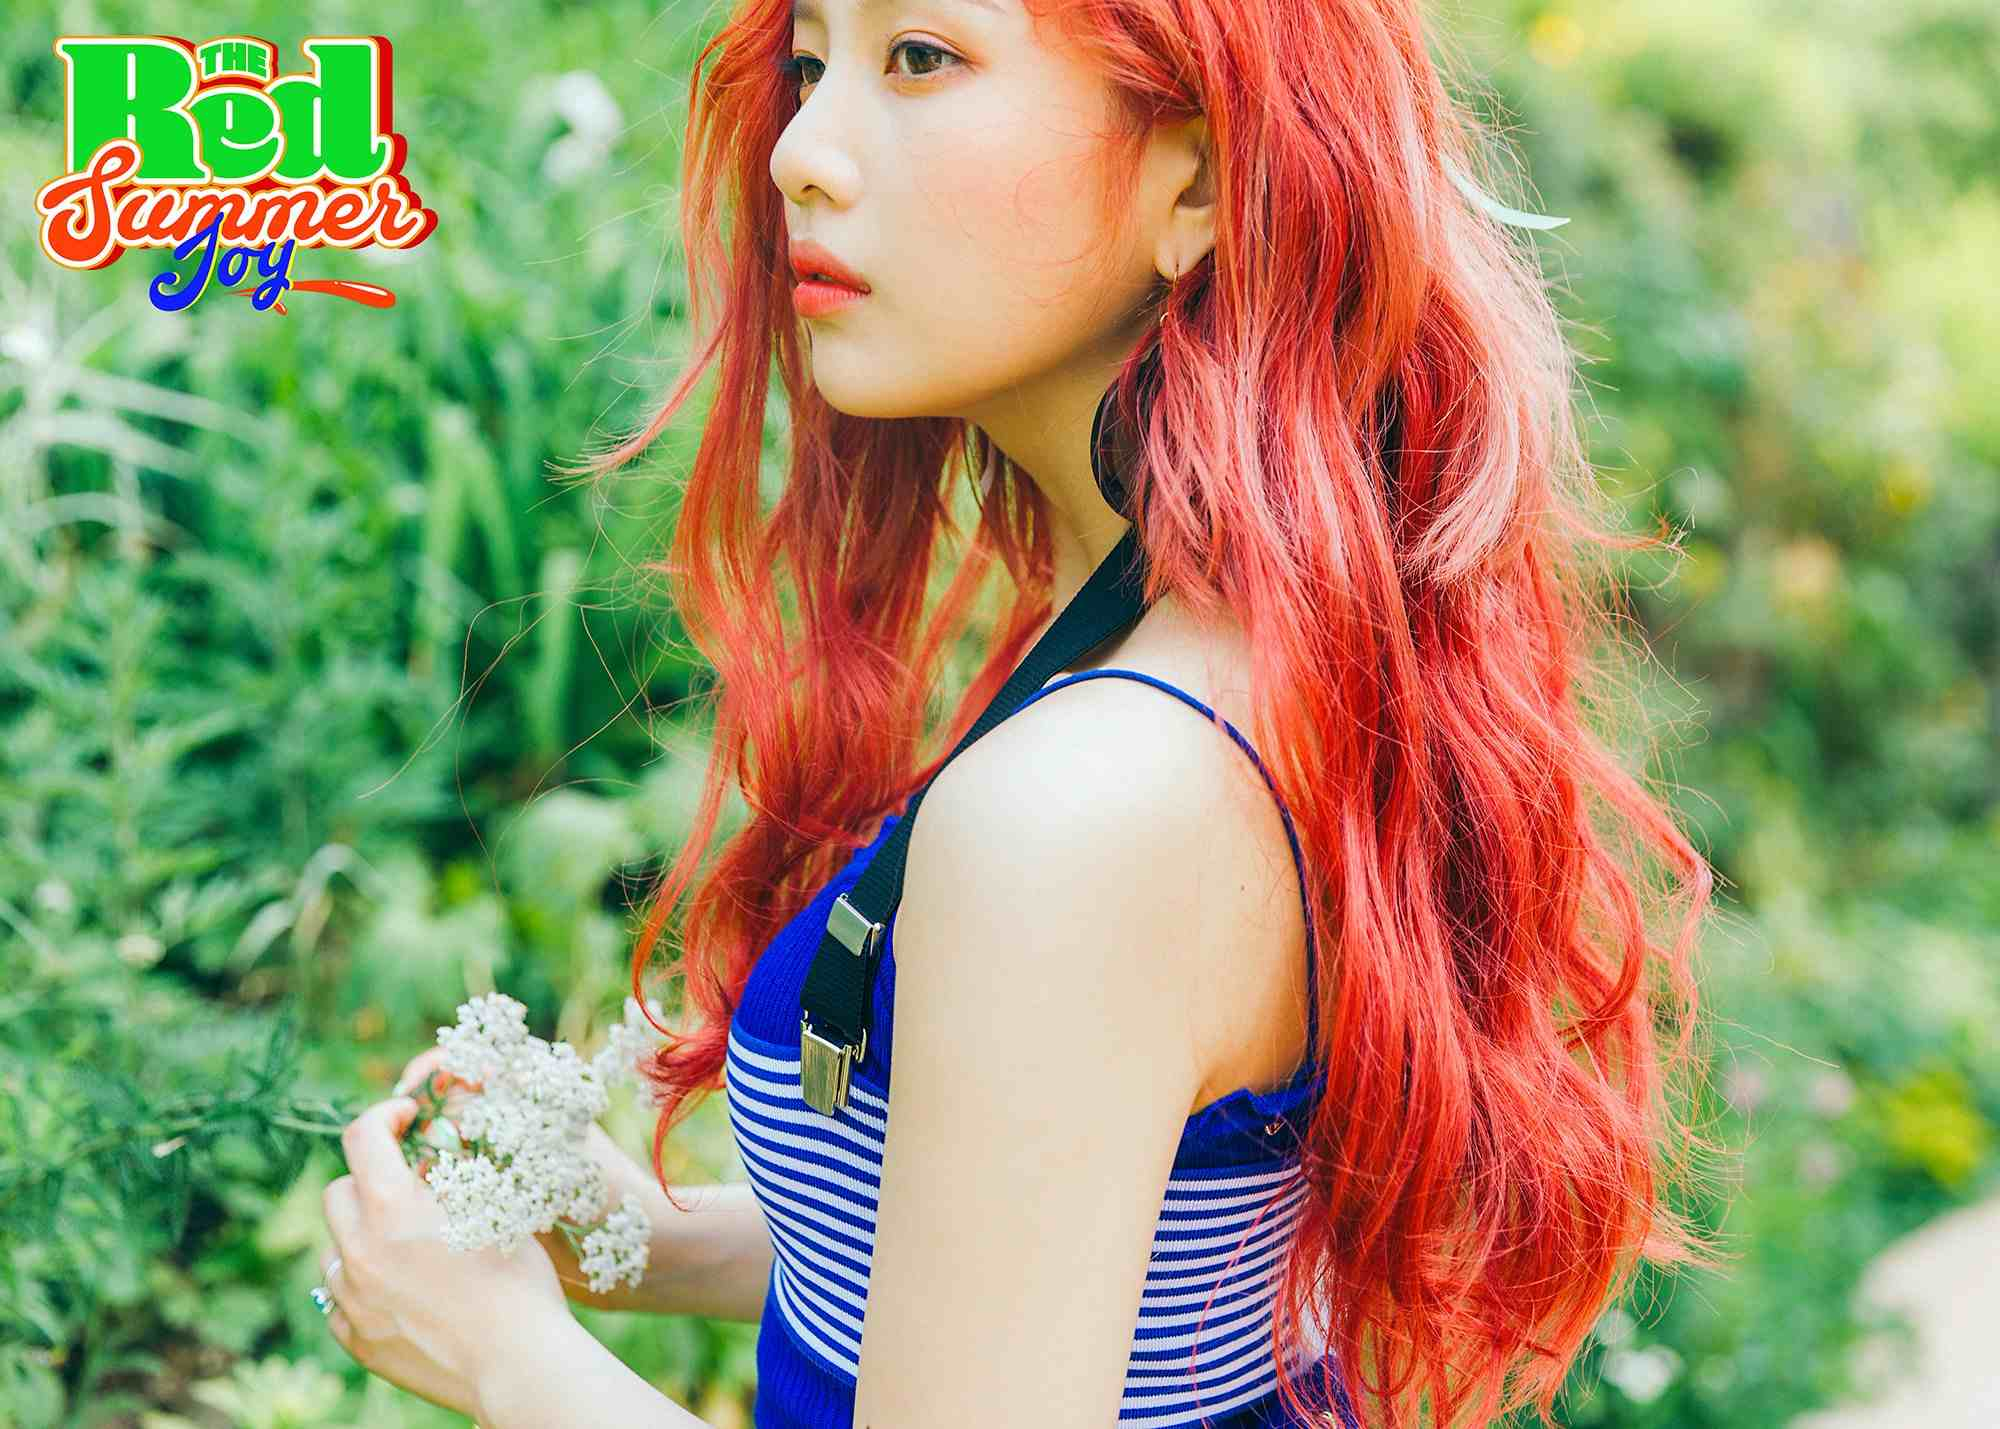 Red Velvet  Joy  因為臉上常常掛著笑容被稱為人間維他命的Joy,於今年出演了tvN《她愛上了我的謊》的女主角尹素琳,正式作爲演員出道。 雖然是Joy第一次的戲劇挑戰,還一開始就飾演女主角,但是在製作發表會當時Joy 可是獲得了導演的好評,而實際電視劇播出後,Joy的女高中生演技也是好評佔了多數呢!